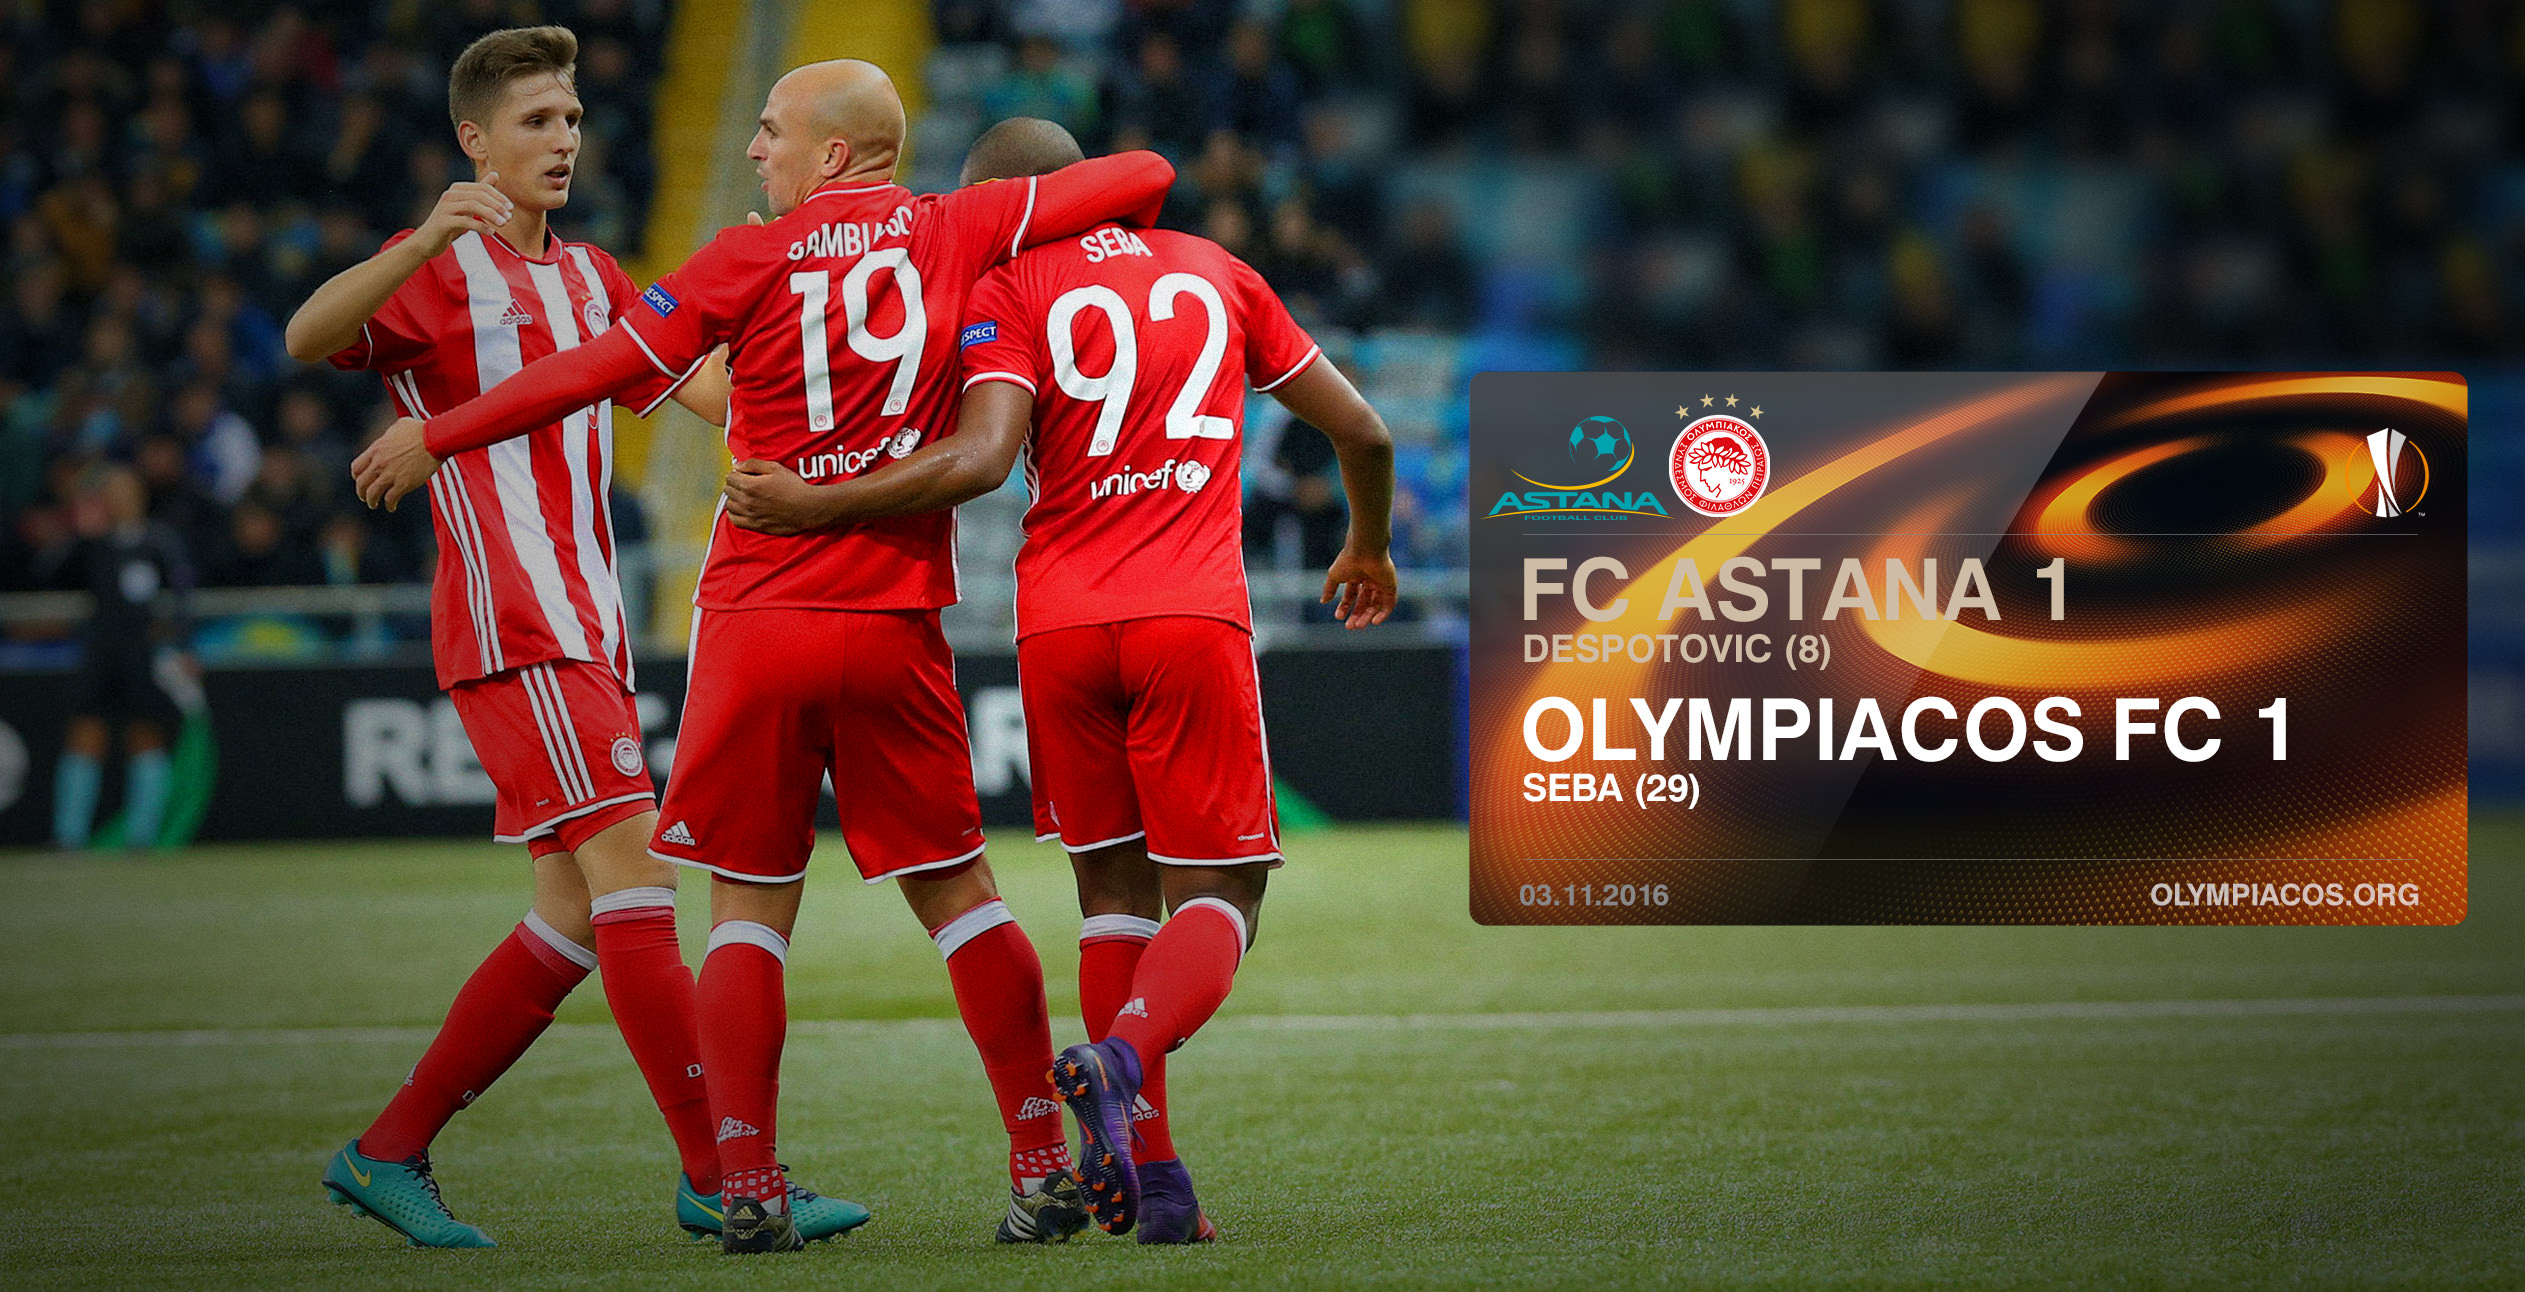 Astana – Olympiacos 1-1